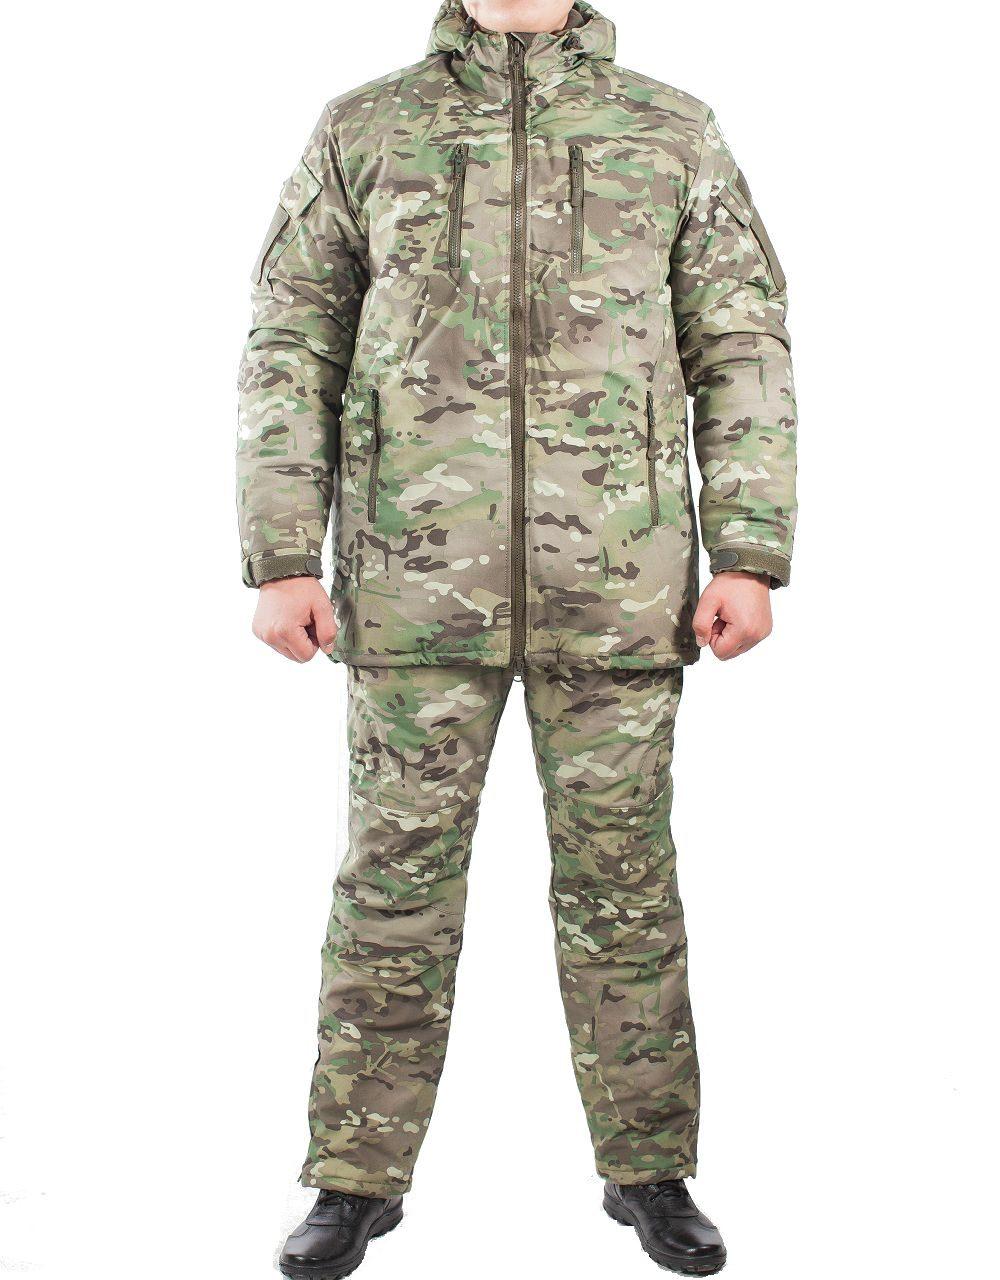 Костюм зимний МПА-38-01 (мембрана, мультикам), Костюмы утепленные<br>Костюм состоит из брюк с плечевой разгрузочной <br>системой, а также куртки со съемным капюшоном <br>и утепляющей подкладкой. Разработан для <br>подразделений воооруженных сил, действующих <br>в условиях экстремального холода (до -50 <br>градусов Цельсия). ХАРАКТЕРИСТИКИ ЗАЩИТА <br>ОТ ХОЛОДА ДЛЯ ИНТЕНСИВНЫХ НАГРУЗОК ДЛЯ <br>АКТИВНОГО ОТДЫХА ТОЛЬКО РУЧНАЯ СТИРКА МАТЕРИАЛЫ <br>МЕМБРАНА УТЕПЛИТЕЛЬ ФАЙБЕРСОФТ<br><br>Пол: мужской<br>Размер: 52<br>Рост: 176<br>Сезон: зима<br>Цвет: зеленый<br>Материал: мембрана